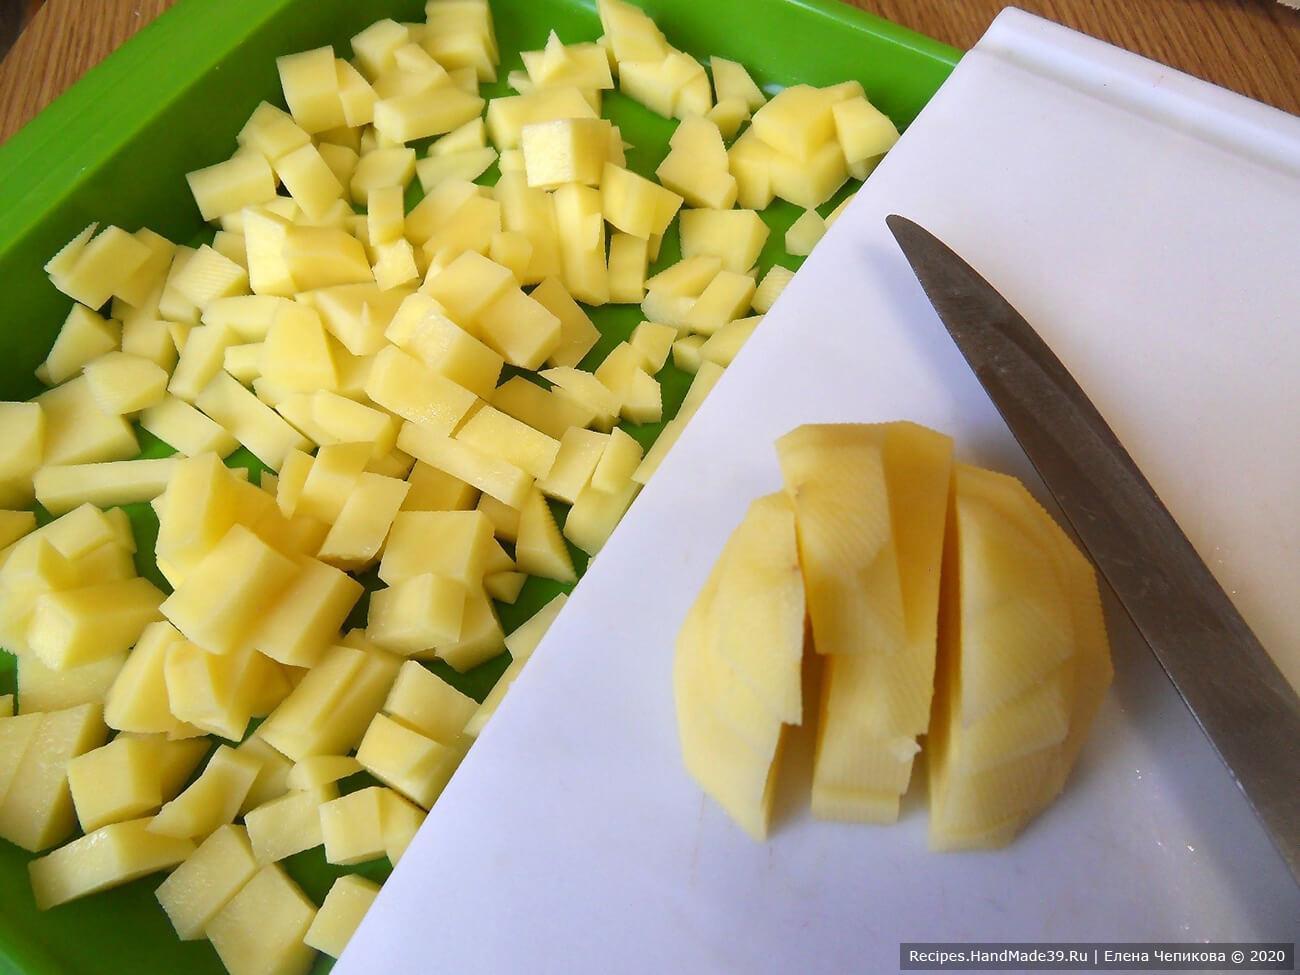 Картофель вымыть, очистить, нарезать кубиками, опустить в кипящую воду. Варить 10 минут